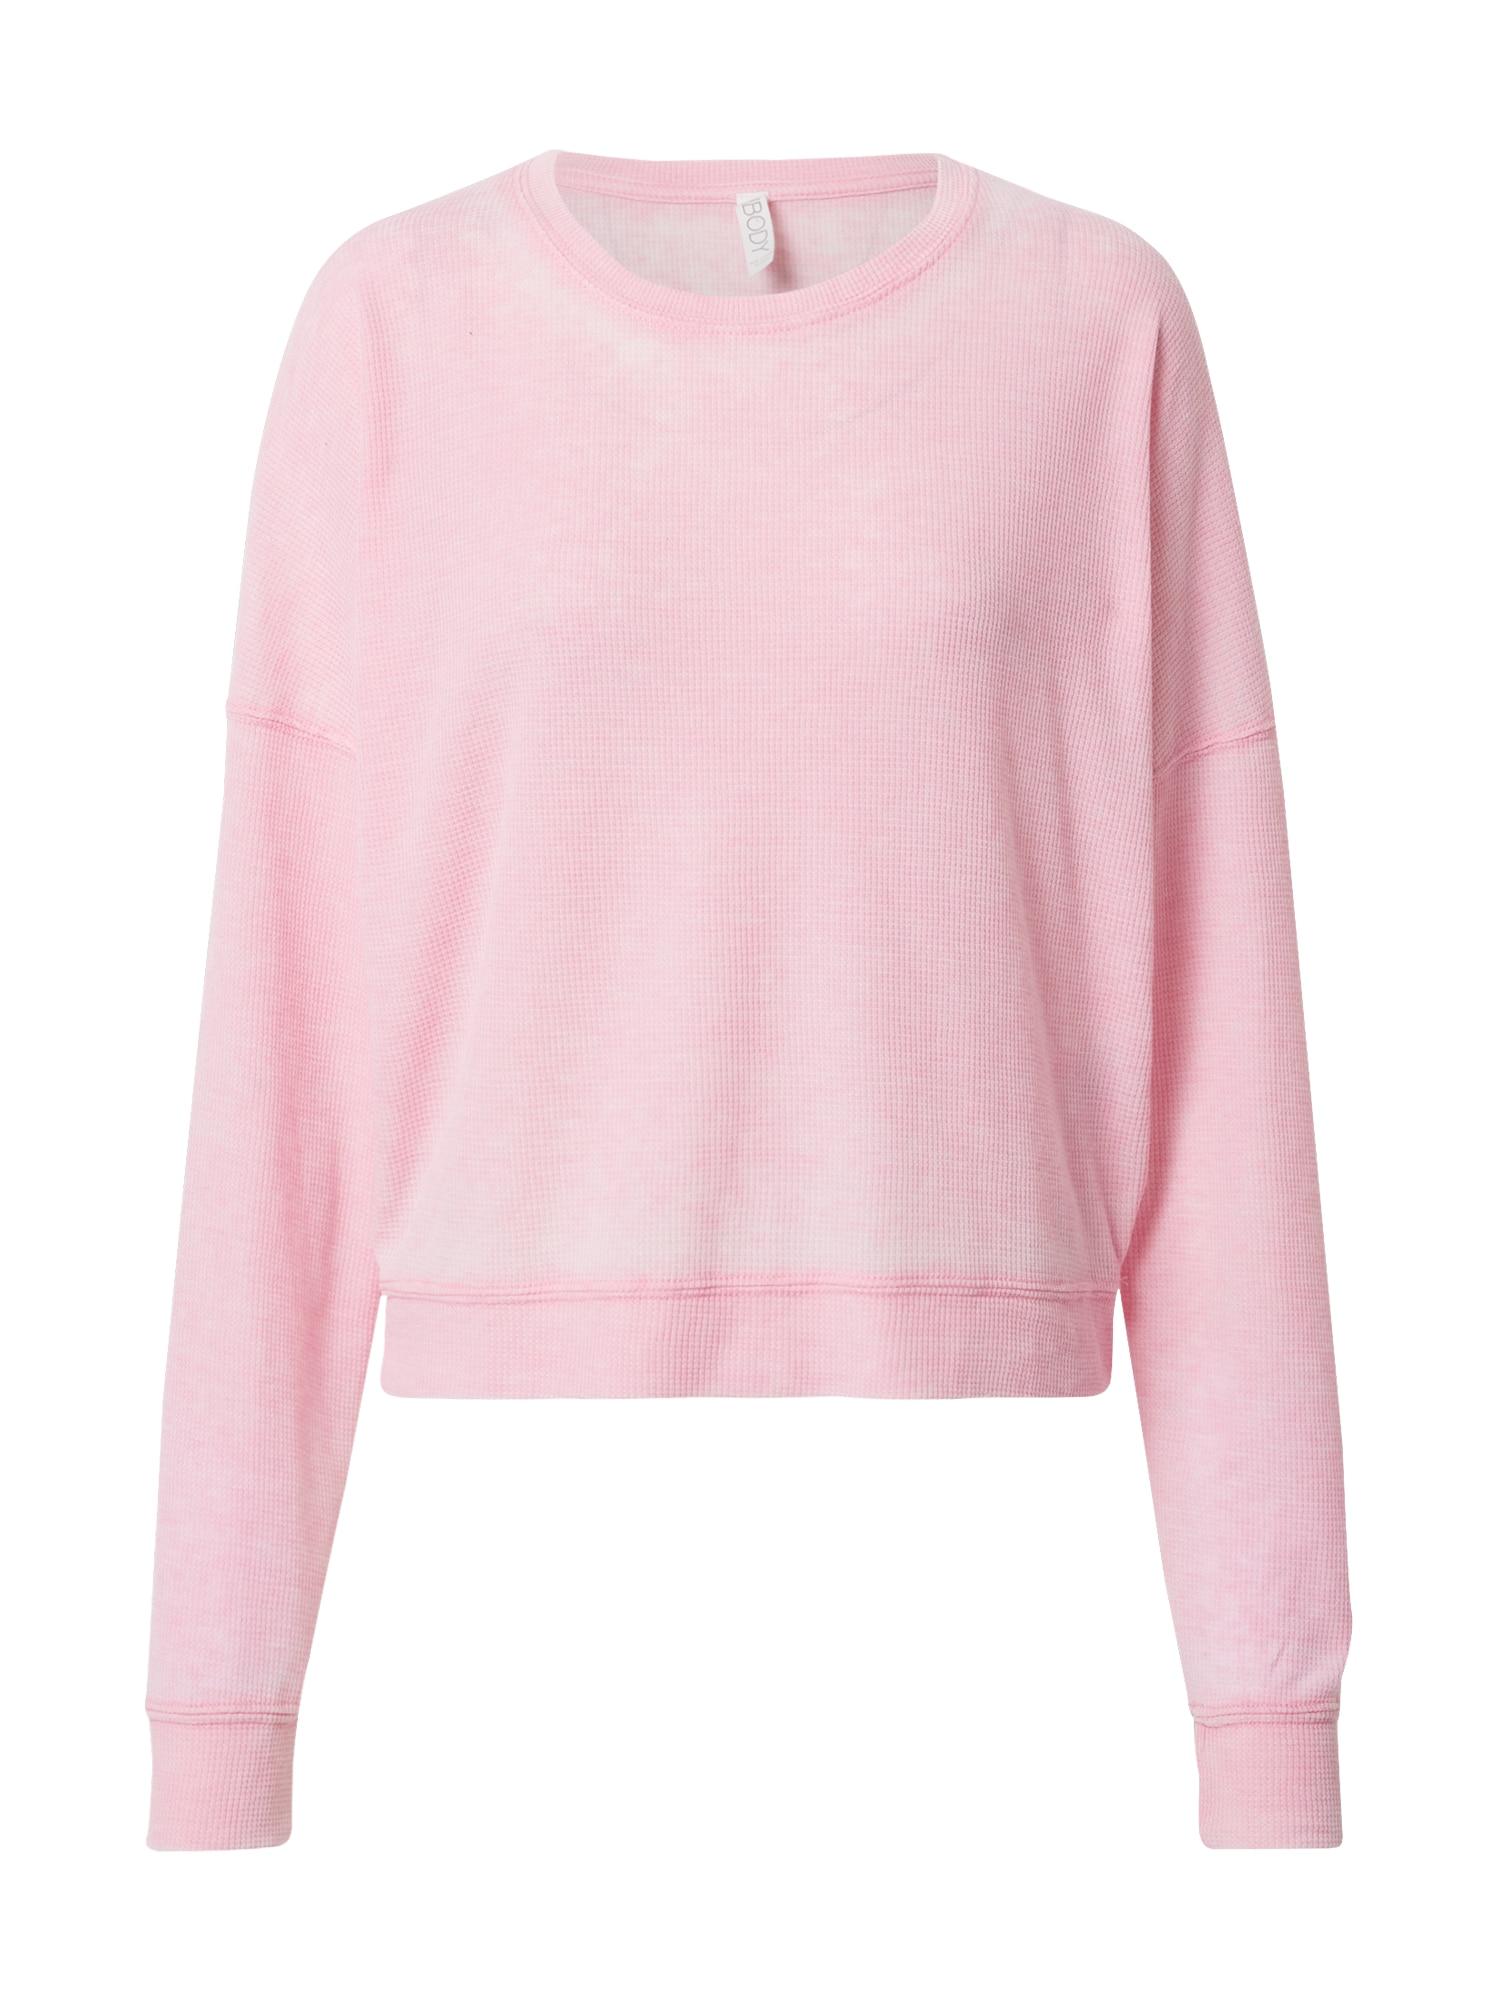 Cotton On Pižaminiai marškinėliai rožių spalva